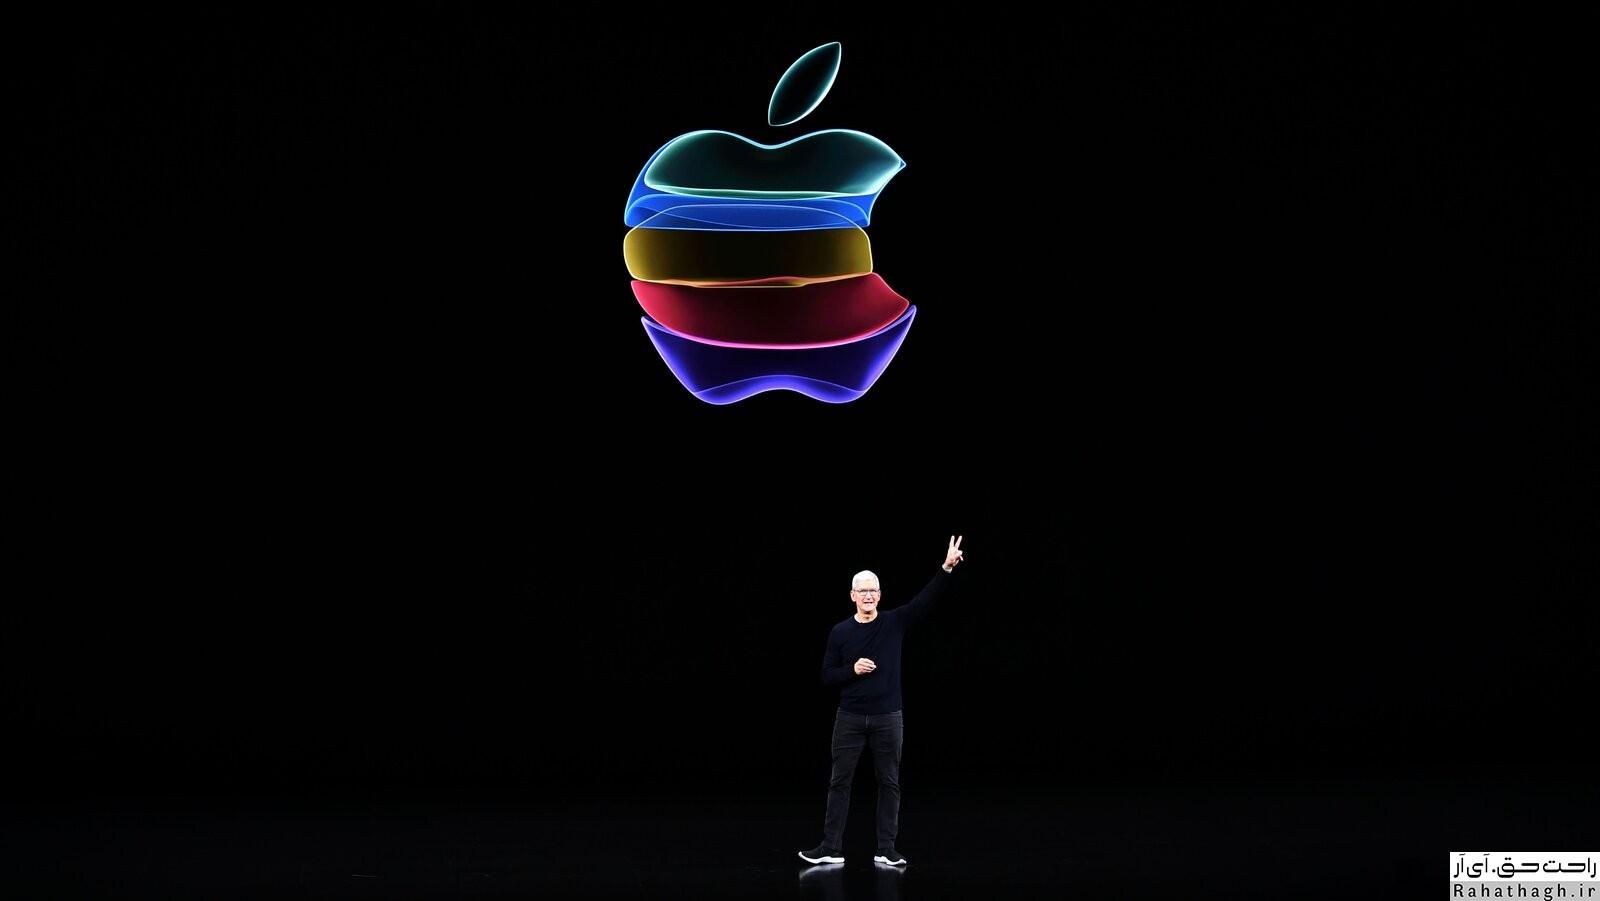 https://bayanbox.ir/view/8426814561593647932/apple-market-value-%D8%B1%D8%A7%D8%AD%D8%AA-%D8%AD%D9%82.jpg